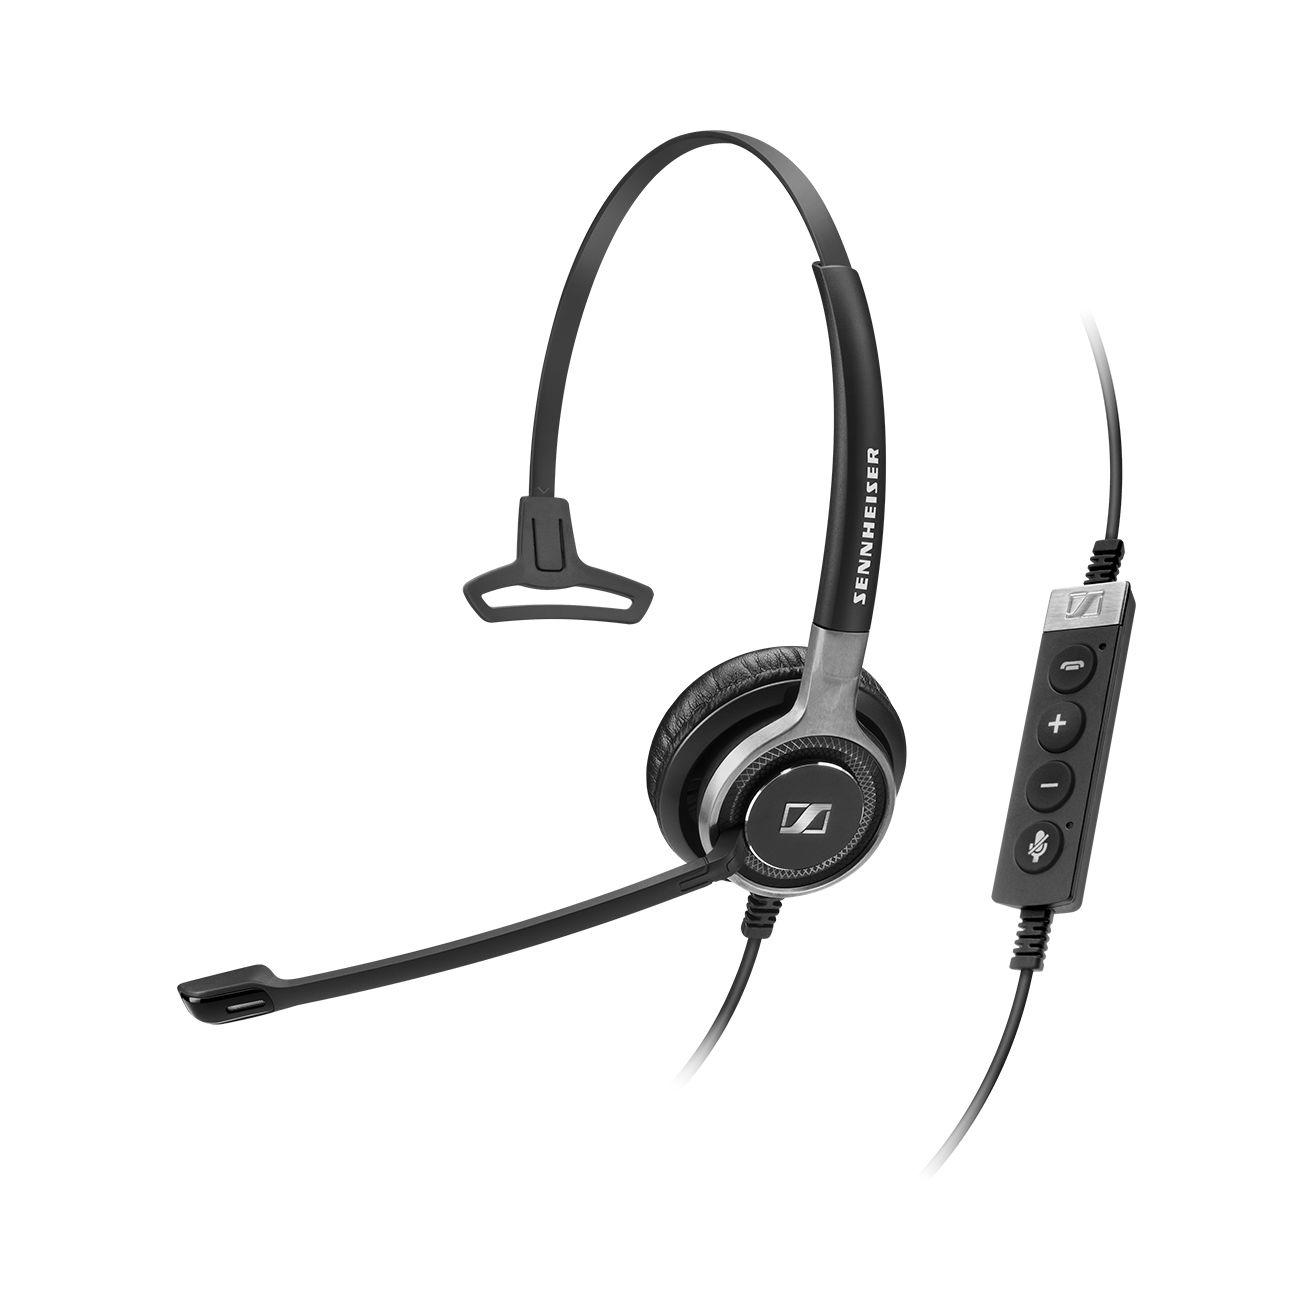 ハイクラス片耳USBヘッドセットSC 630 USB CTRL画像